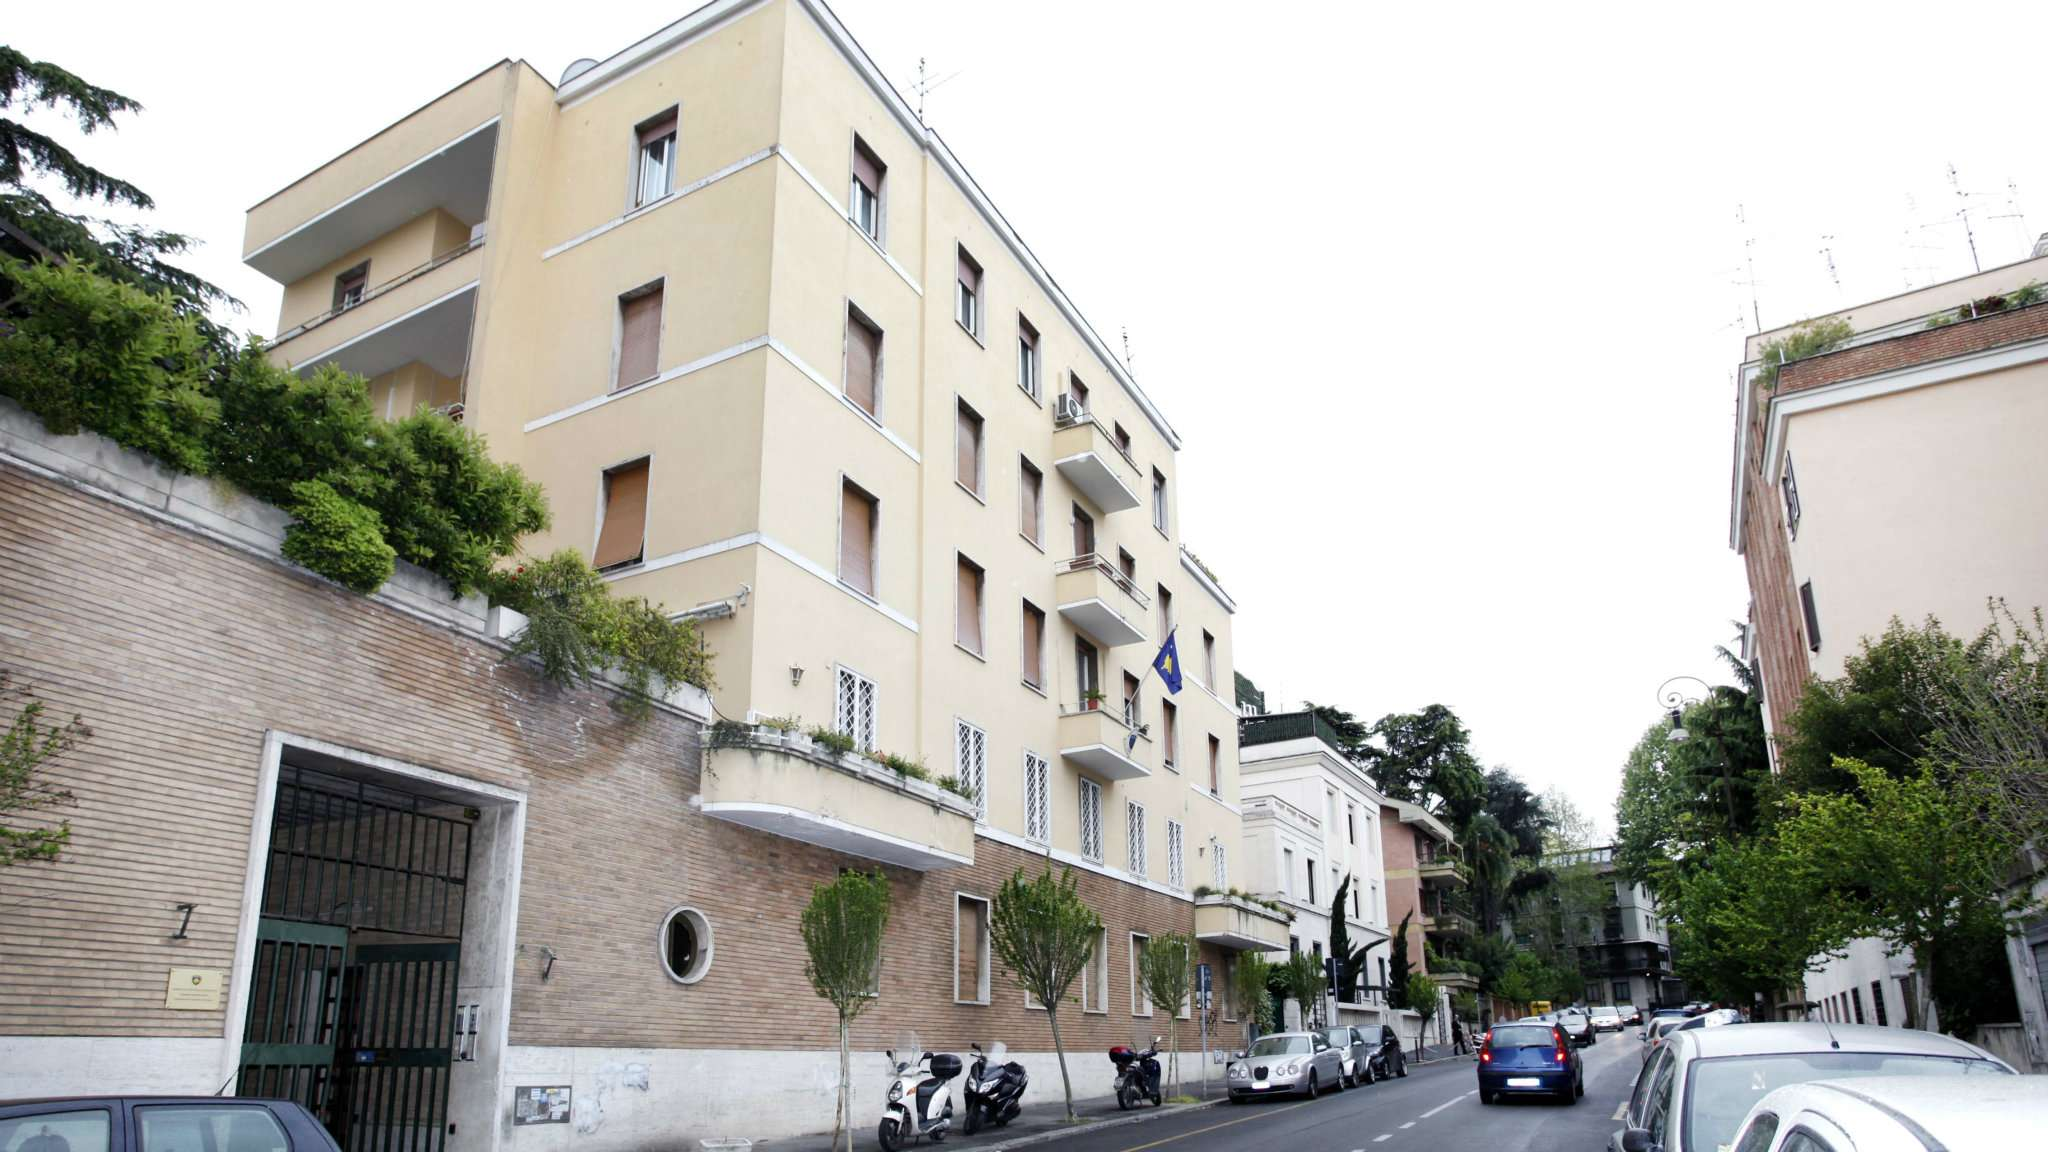 Ufficio / Studio in affitto a Roma, 12 locali, zona Zona: 3 . Trieste - Somalia - Salario, prezzo € 6.900 | CambioCasa.it